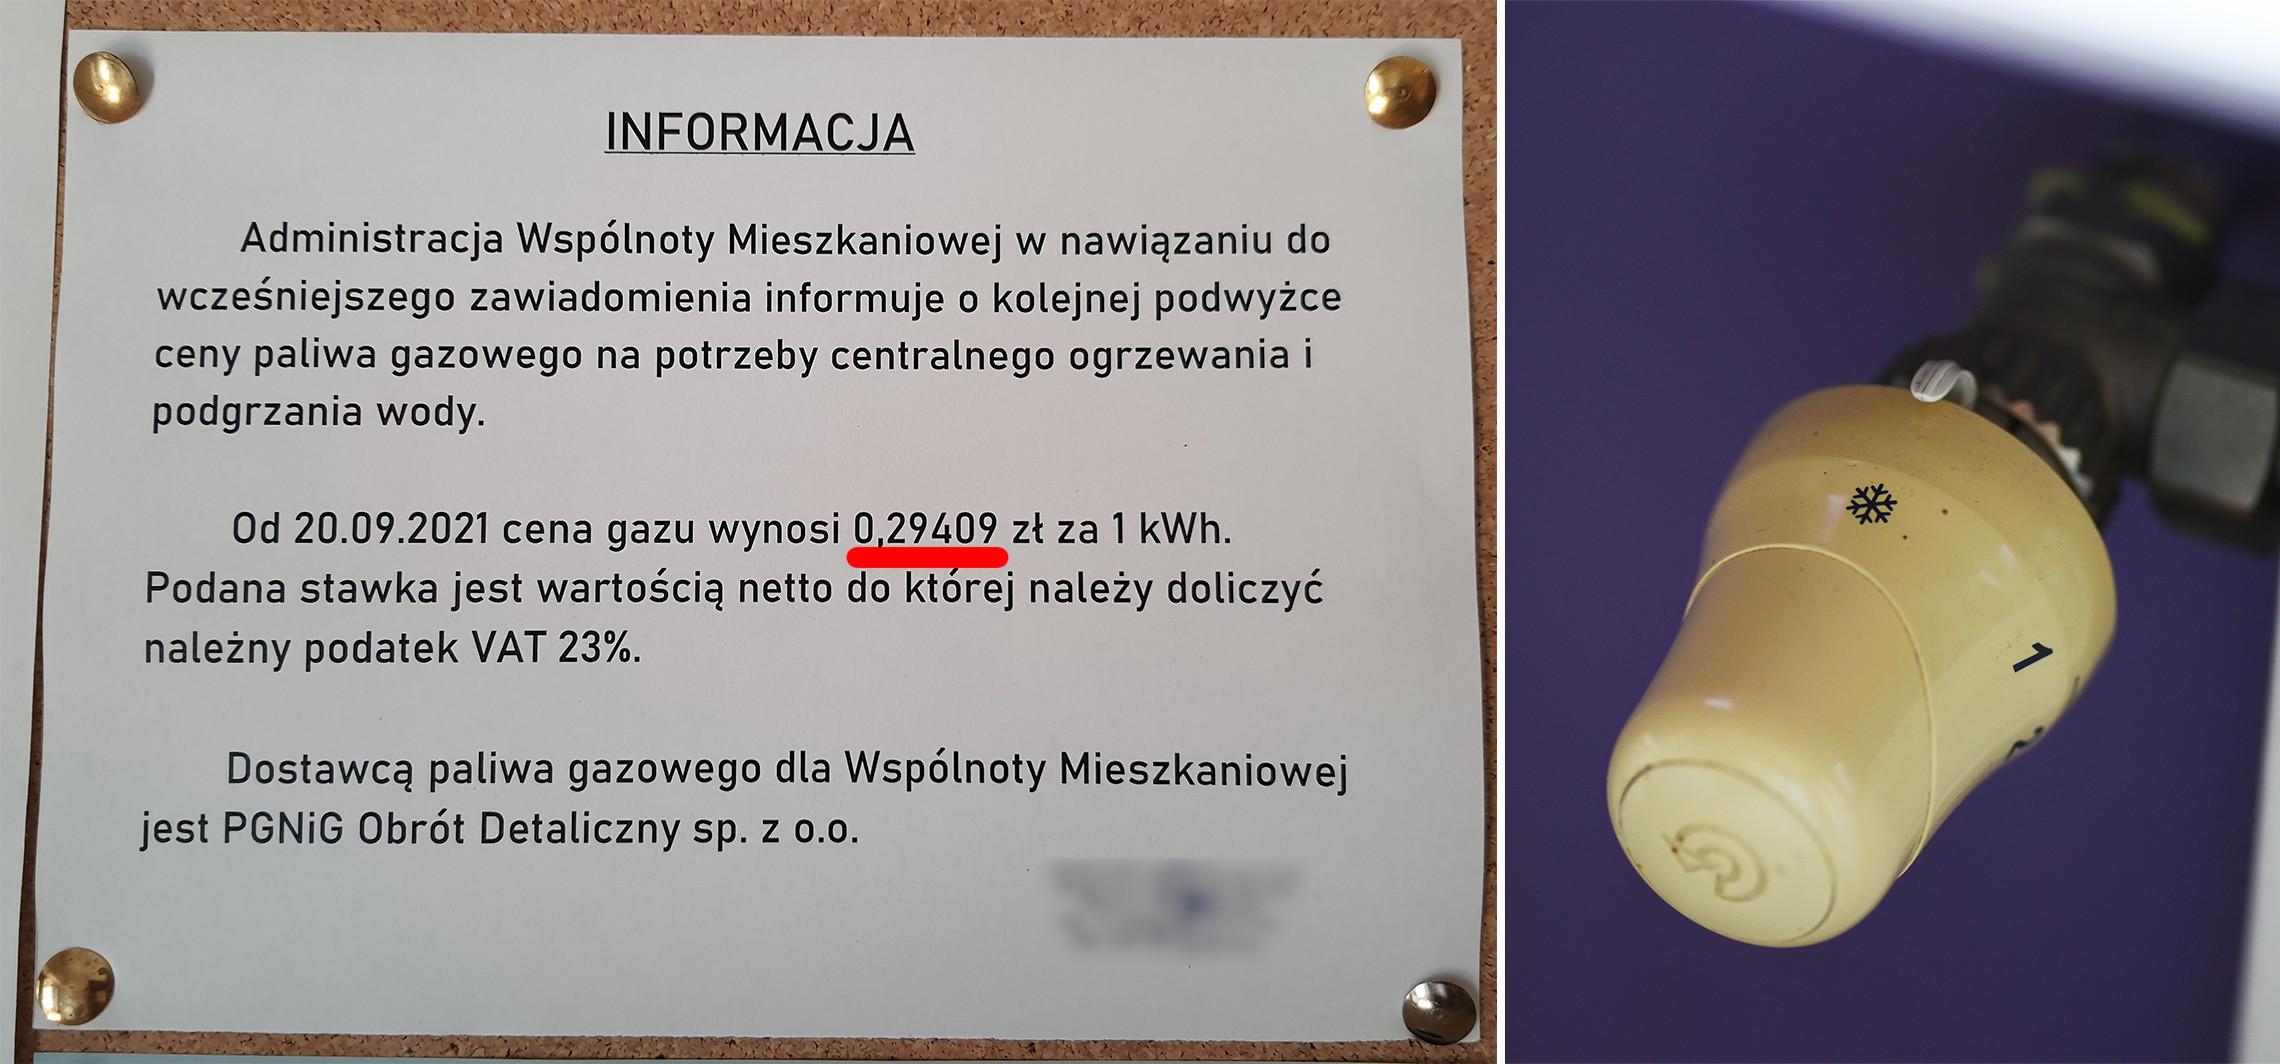 Inowrocław - 50% podwyżka cen gazu? Jest dużo gorzej